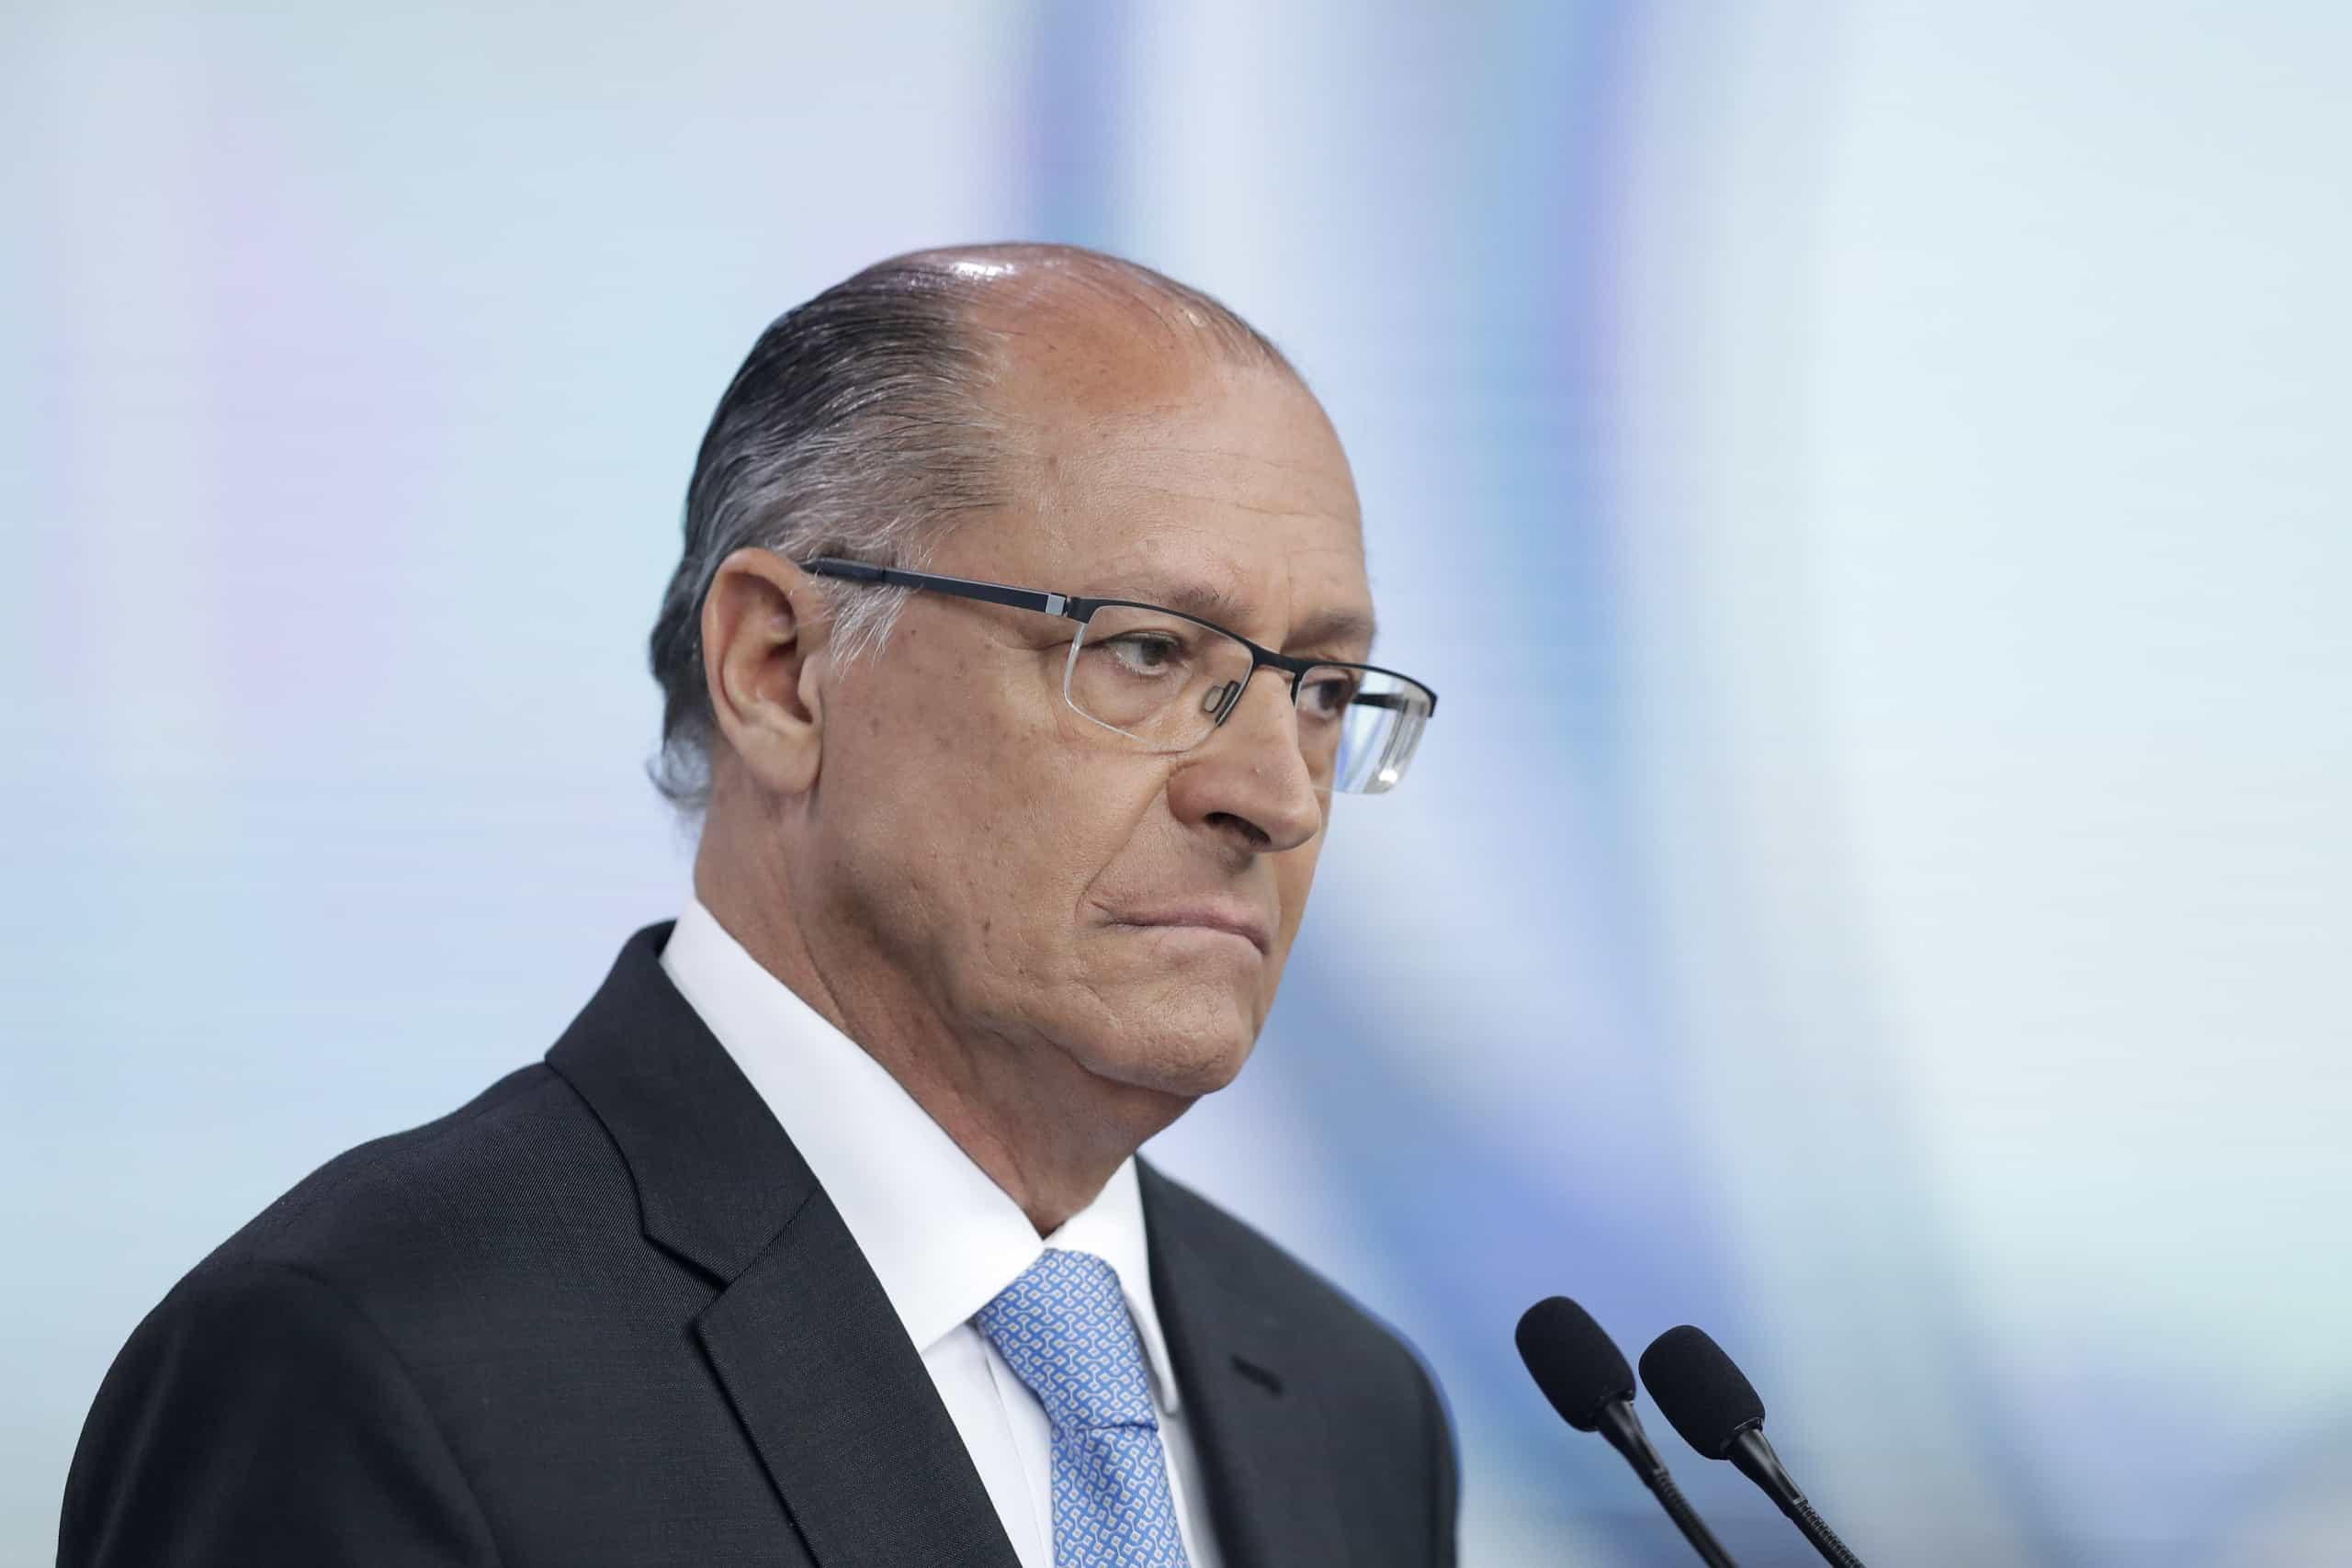 Brasil: Justiça bloqueia bens de ex-candidato presidencial por corrupção